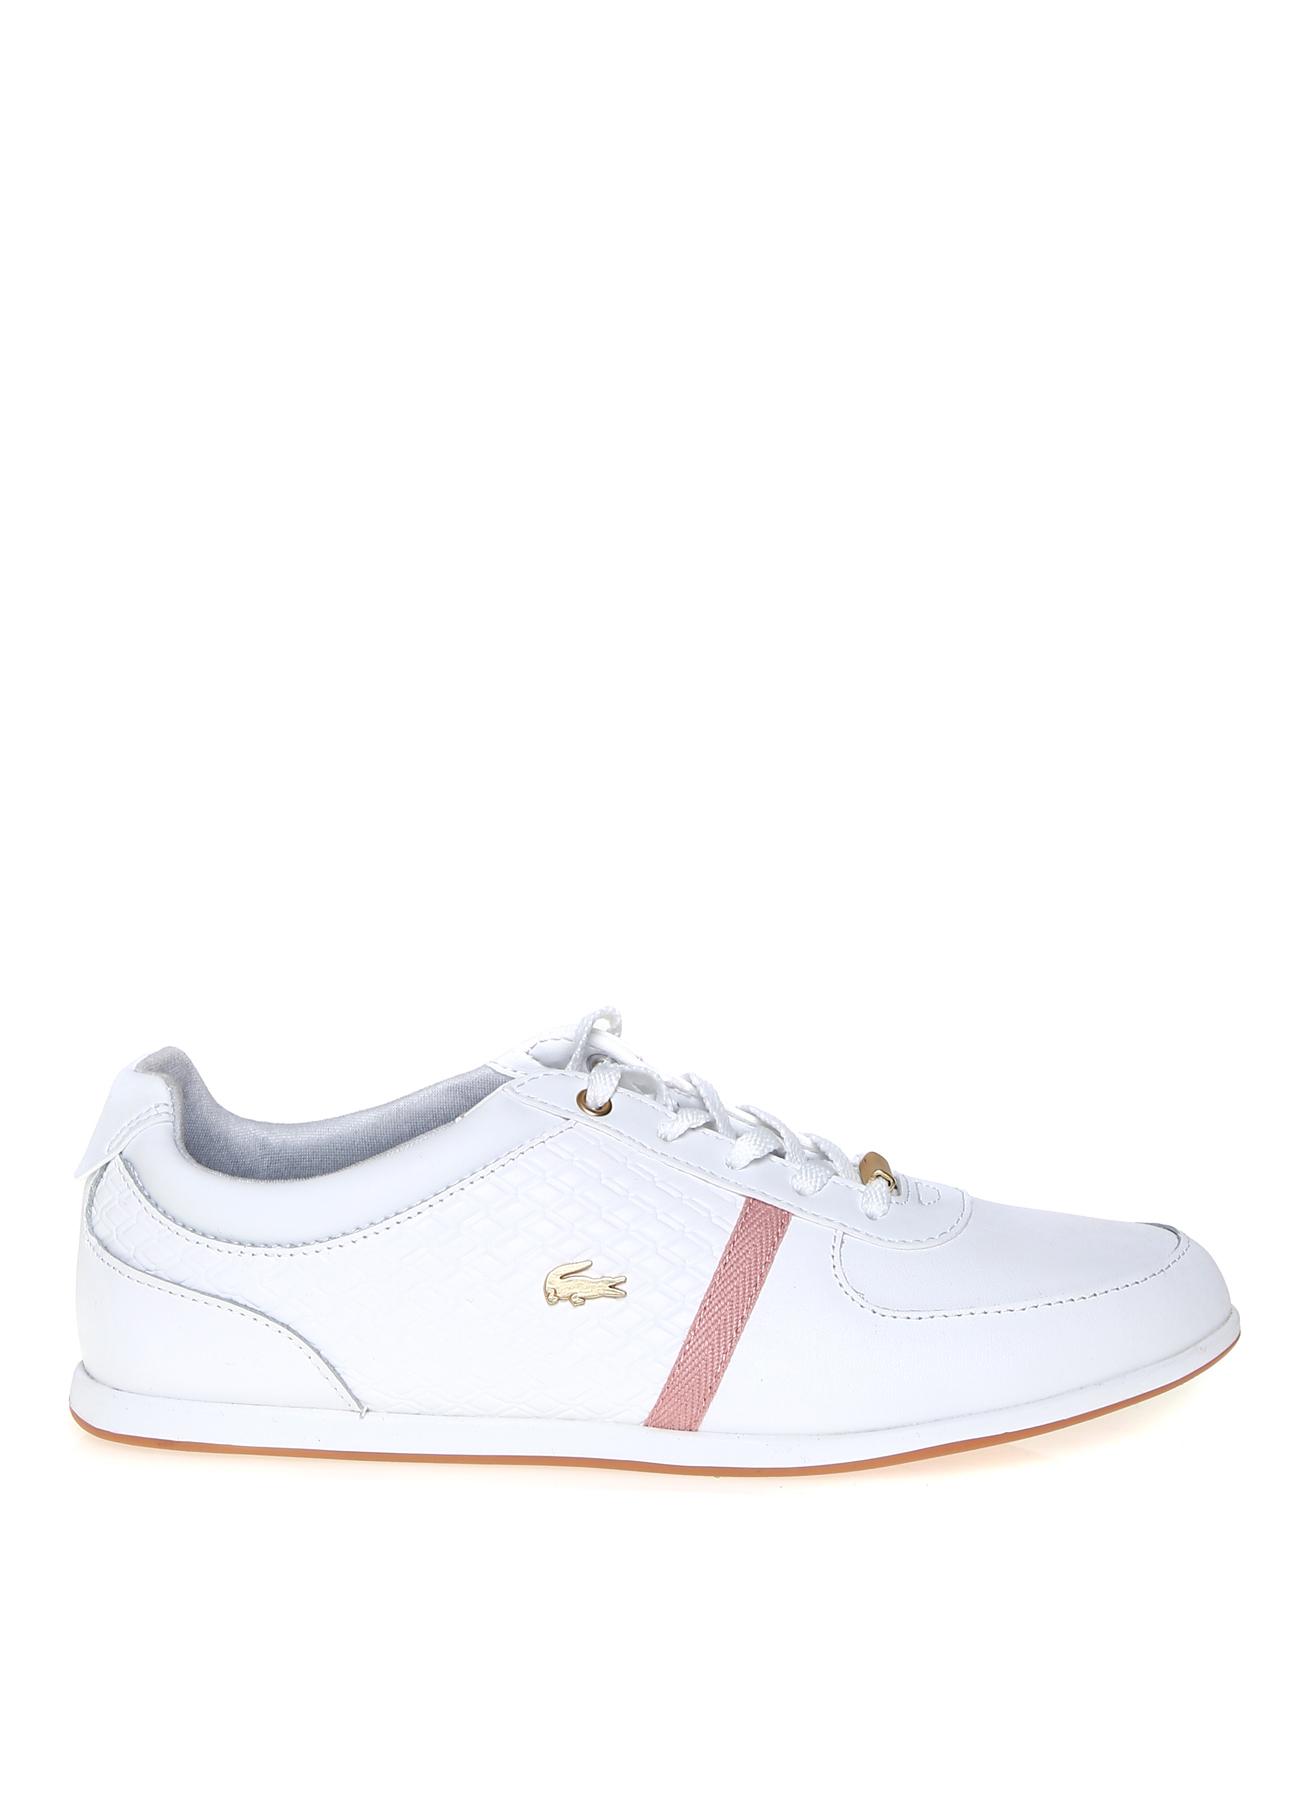 Lacoste Bağcıklı Sneaker 37 5002312548002 Ürün Resmi